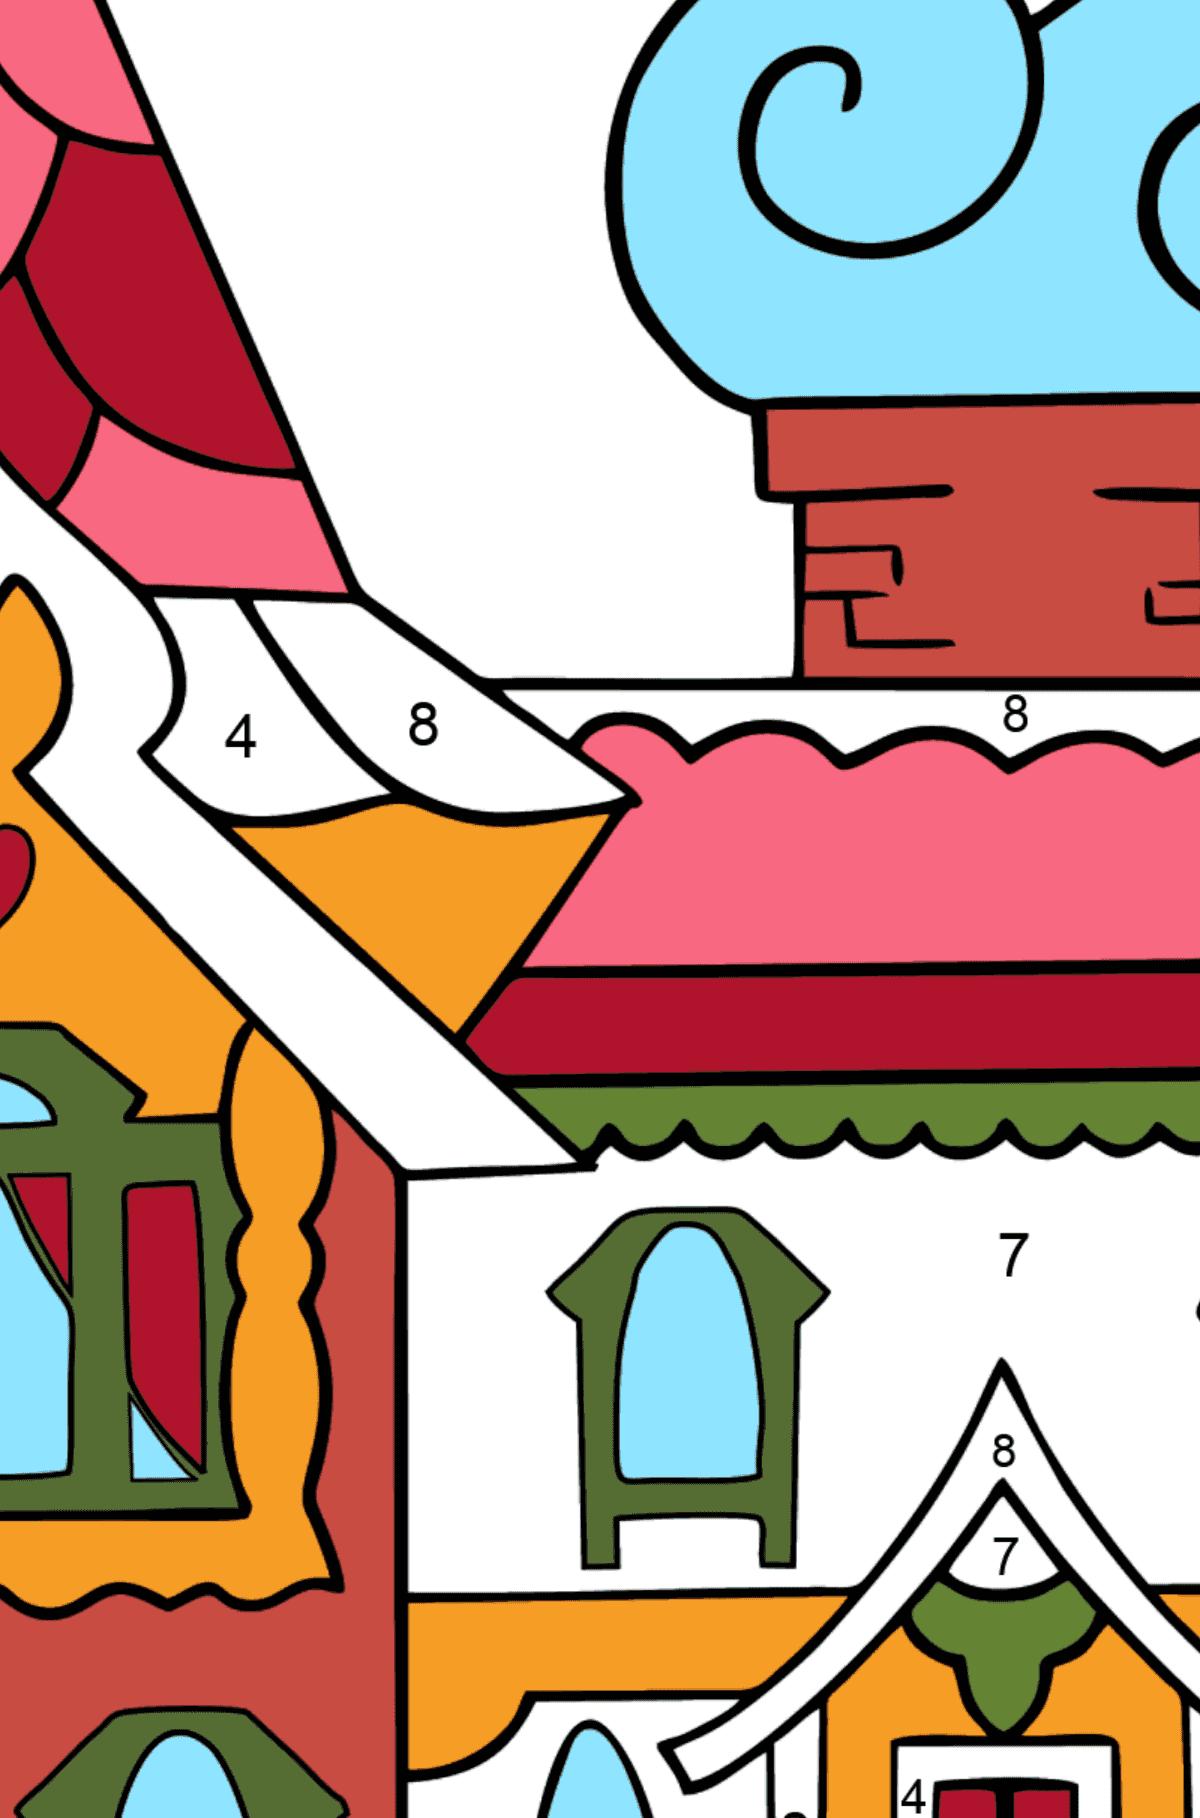 Сложная раскраска дом - королевство сказочников - Раскраска по Номерам для Детей